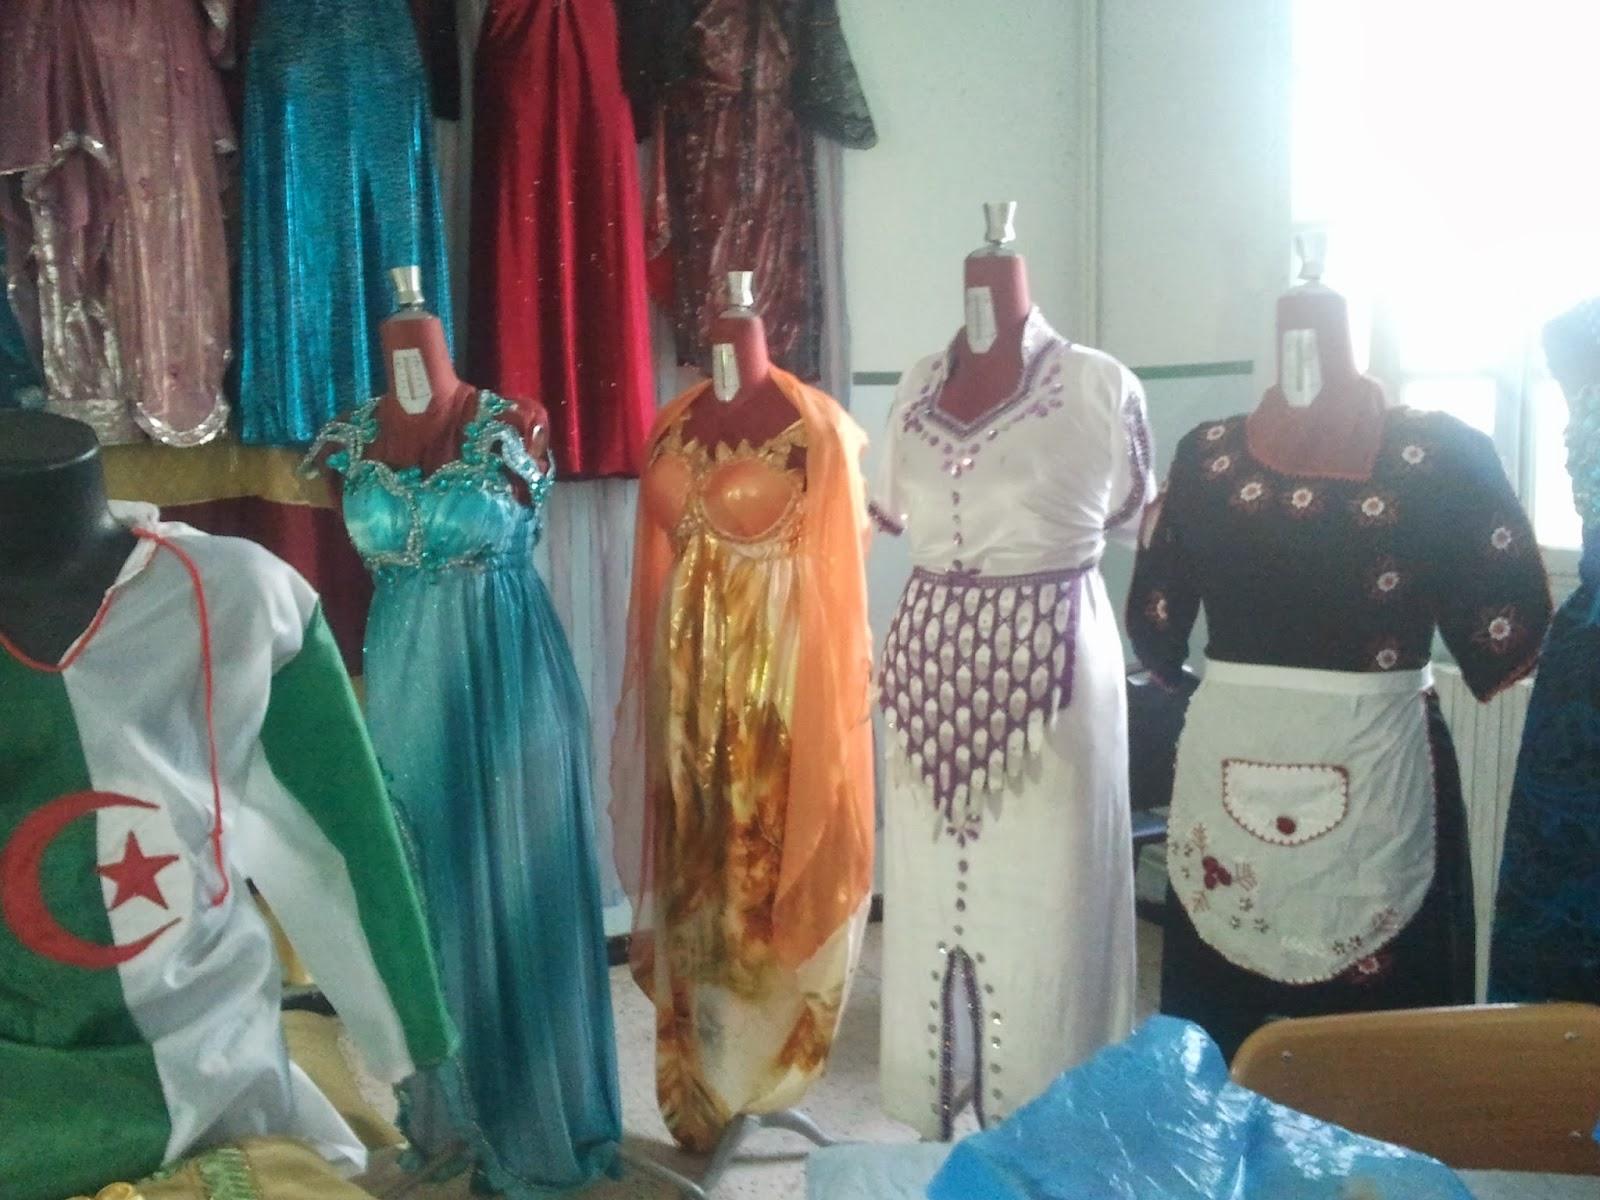 مجموعة موديلات قنادر للدار والاعراس من المعرض الجزائري 2016  قنادر جزائرية اون لاين